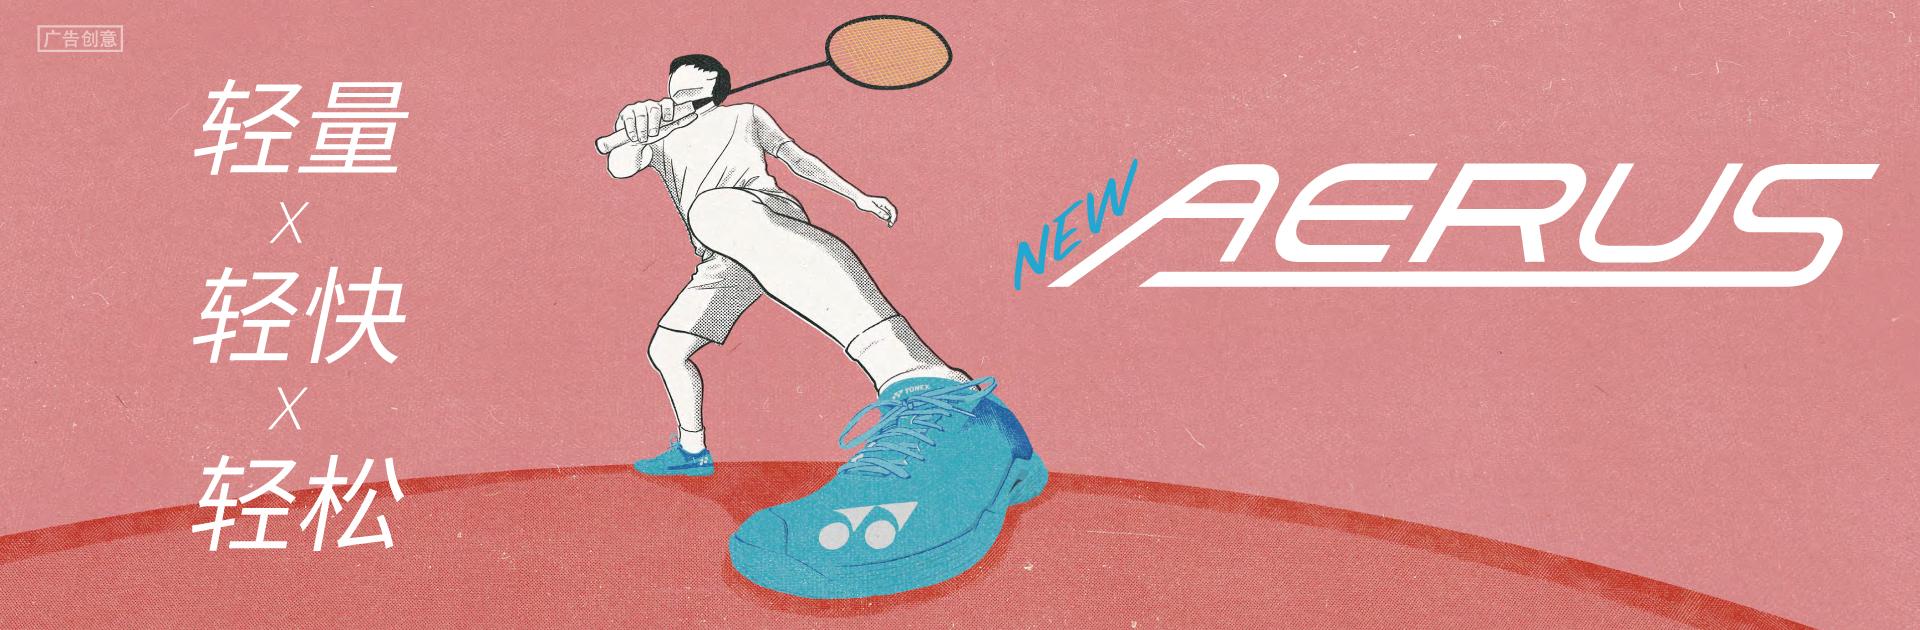 YONEX全新动力垫AERUS Z来袭,准备好更新你的战场新装备了吗?